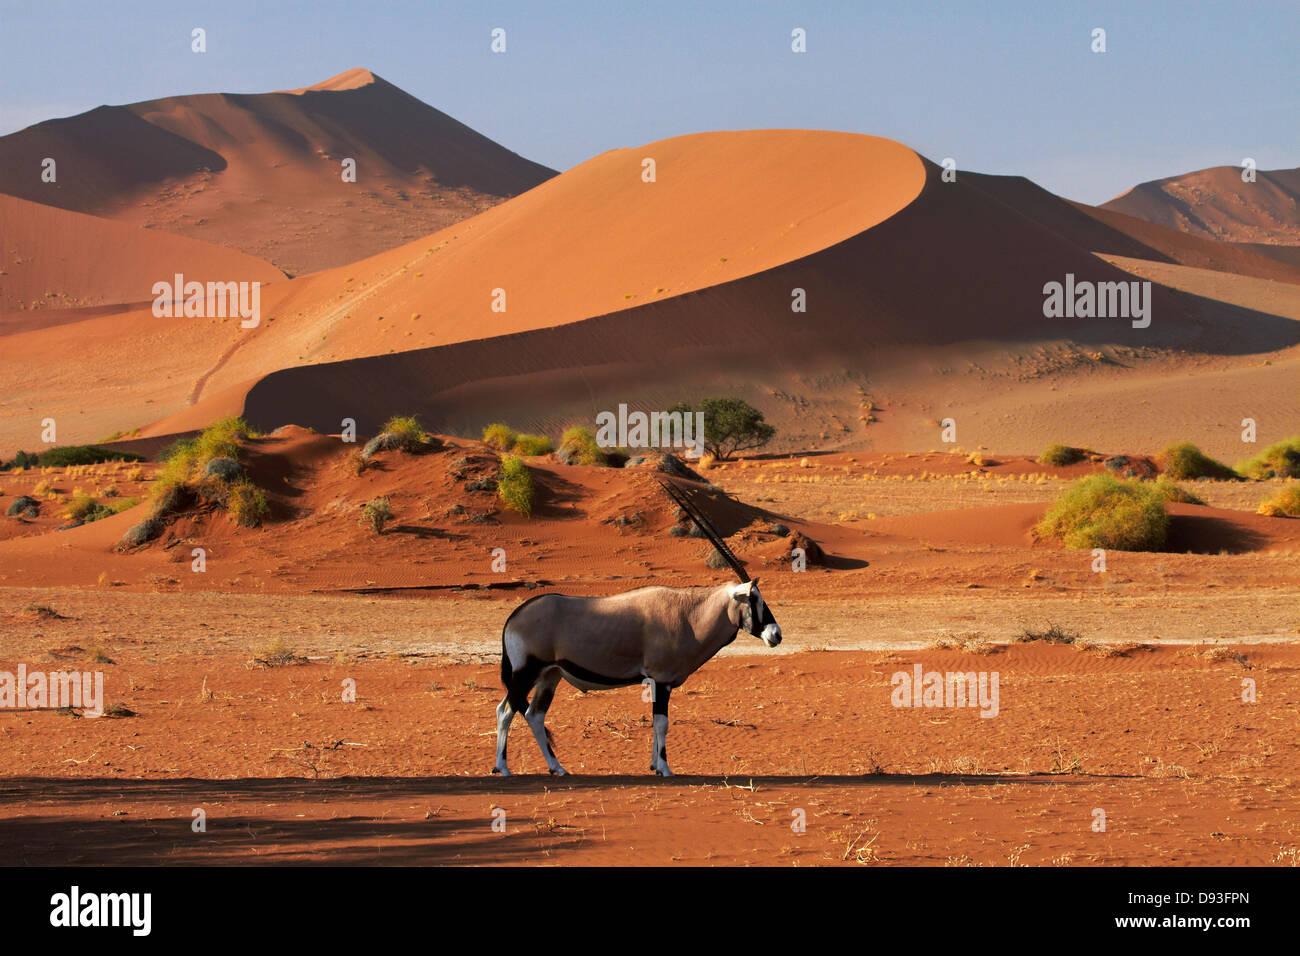 Gemsbok (Oryx) y dunas de arena, el Parque Nacional Namib-Naukluft, Namibia, África Imagen De Stock